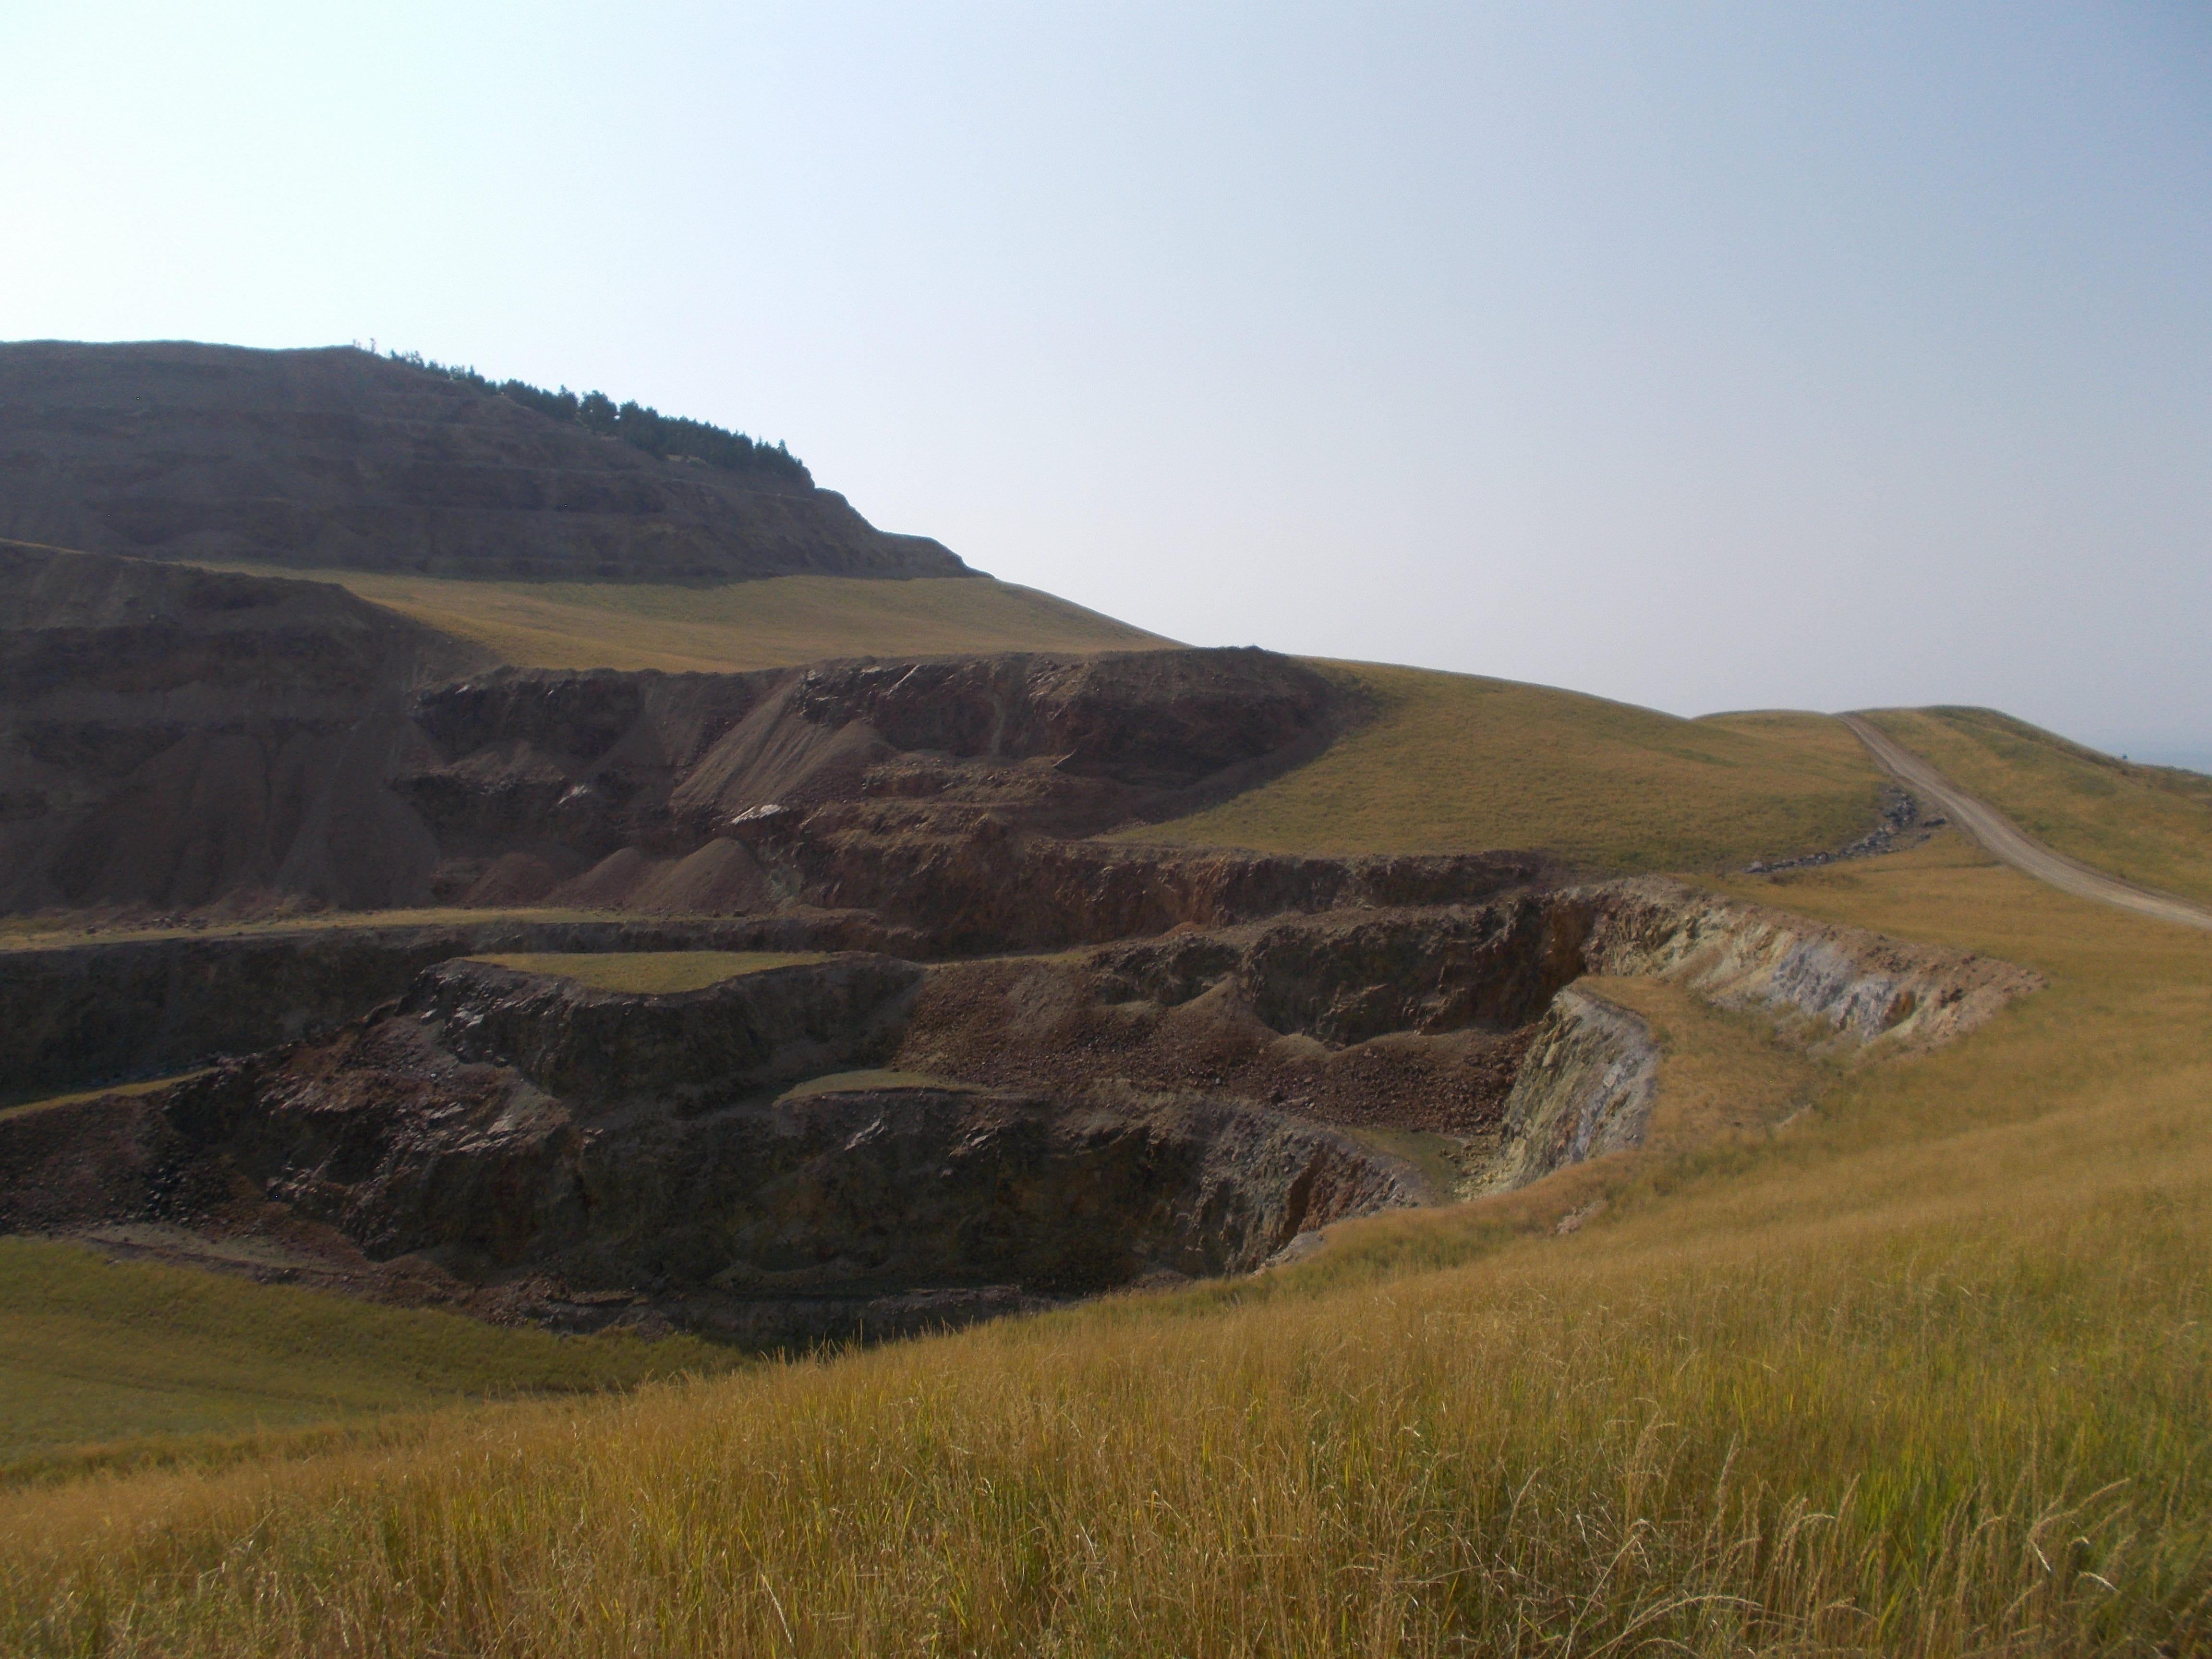 The Landusky gold mine pit just east of the Fort Belknap Reservation.